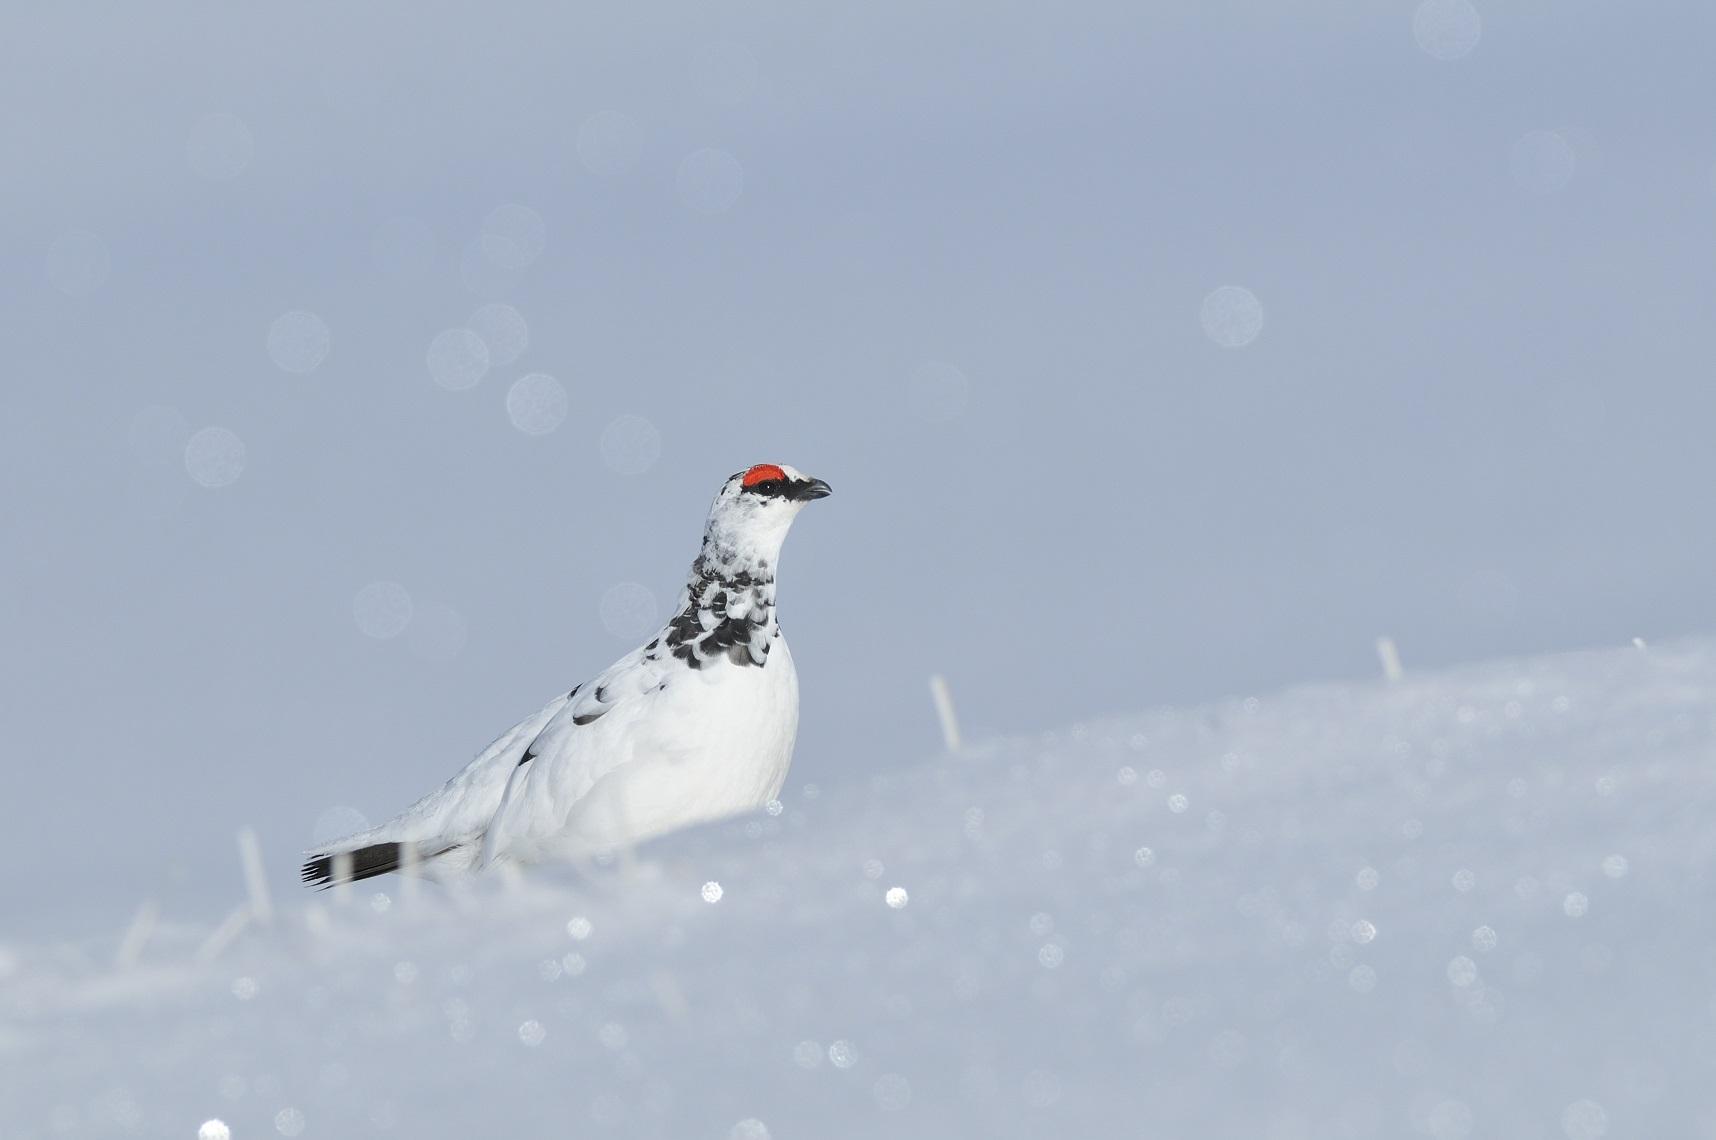 Alpensneeuwhoen man in de sneeuw